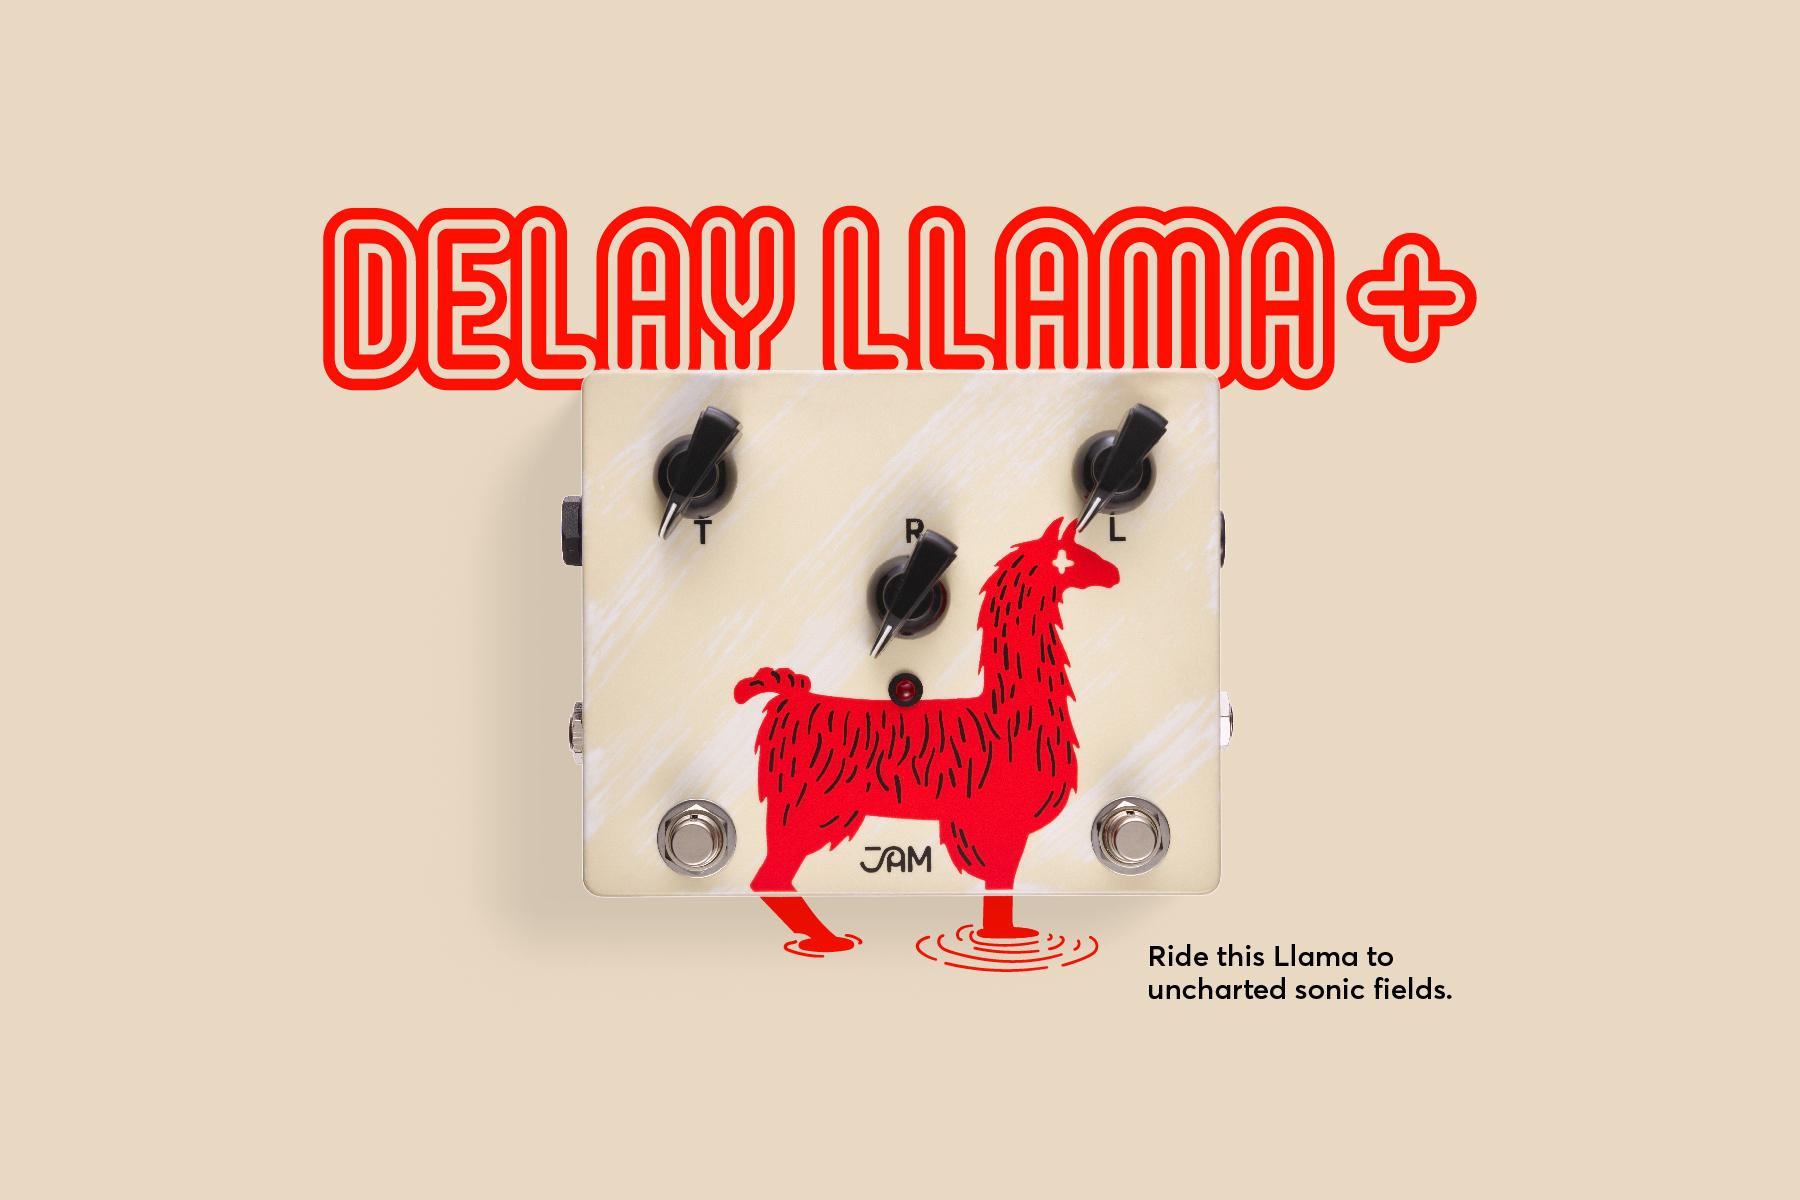 Delay Llama+